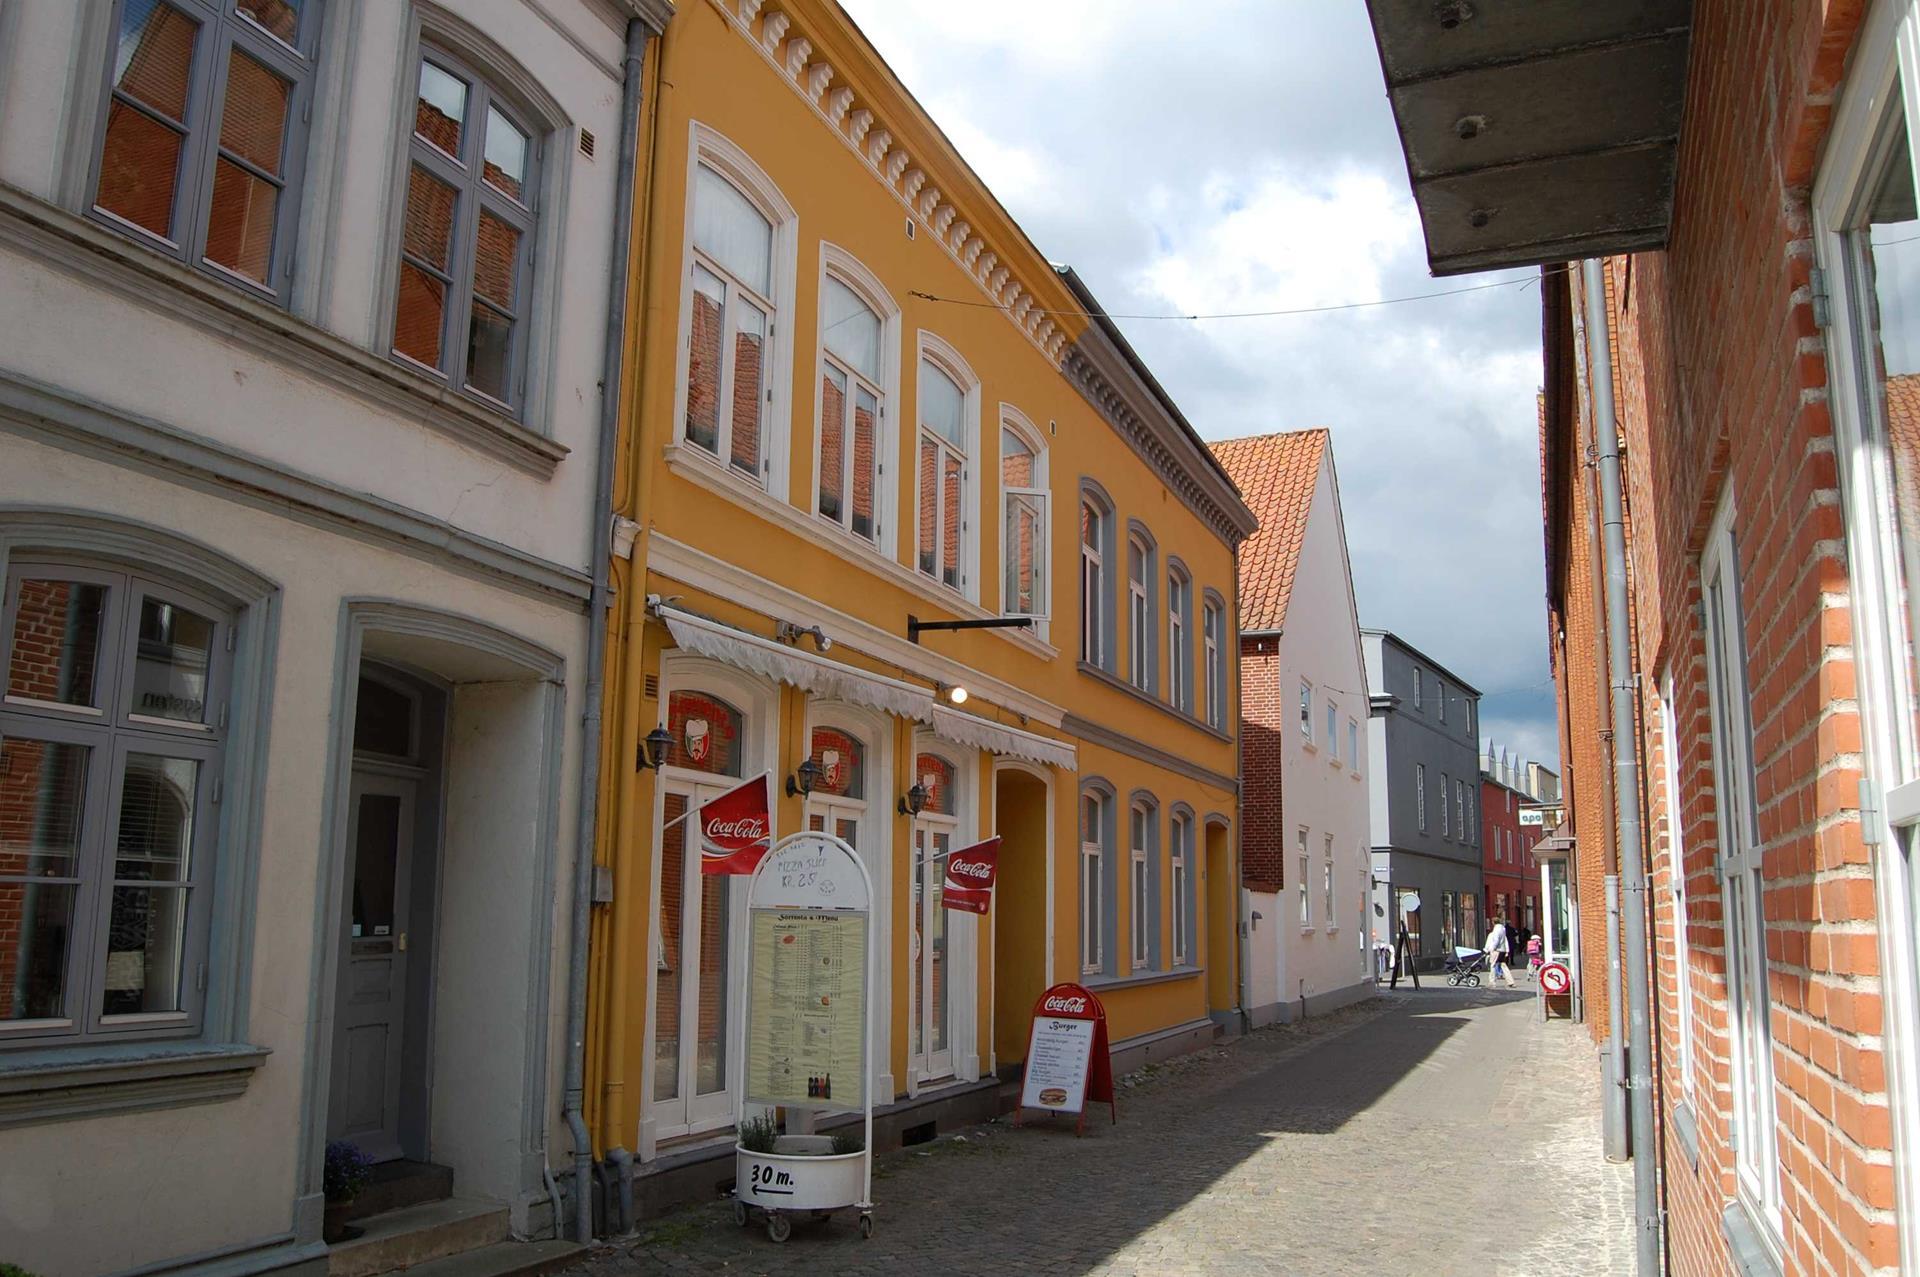 Bolig/erhverv på Lillegade i Tønder - Andet